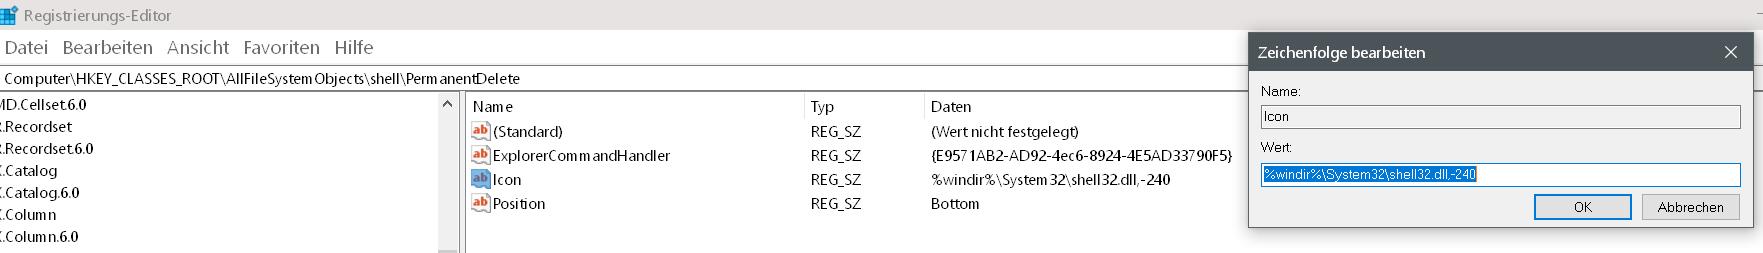 wert-icon-eingetragen